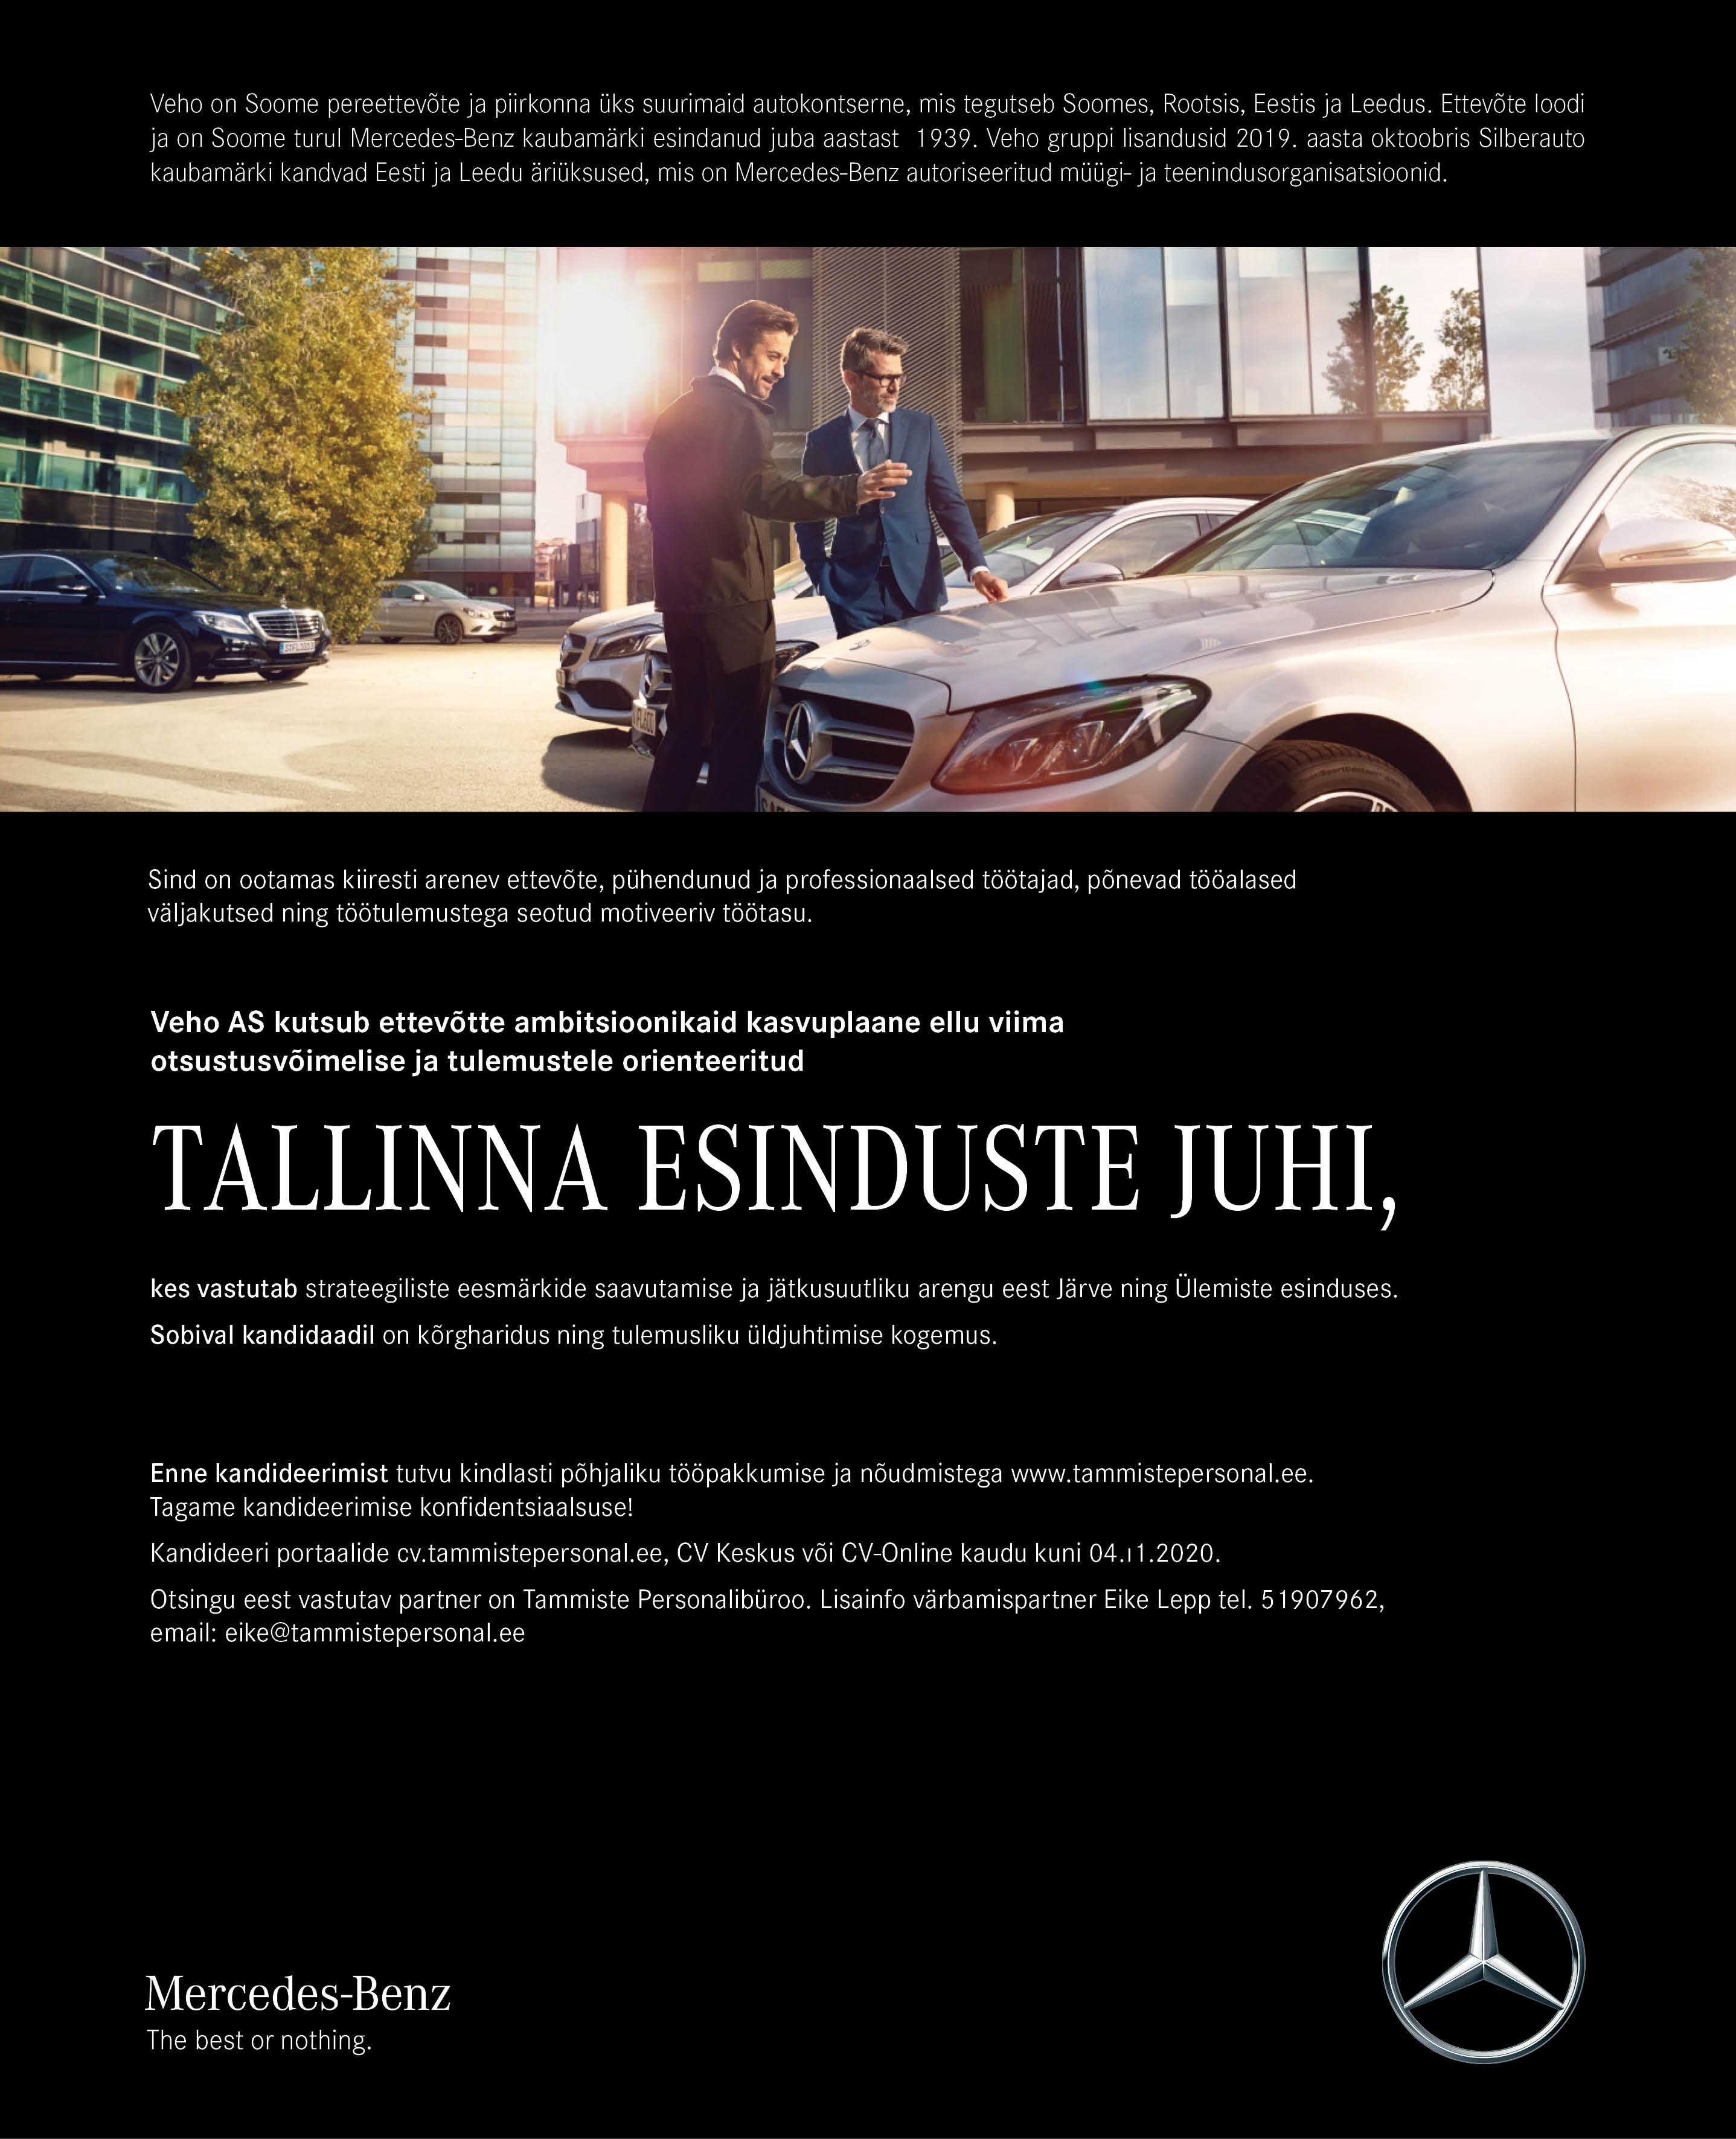 Tallinna esinduste juht